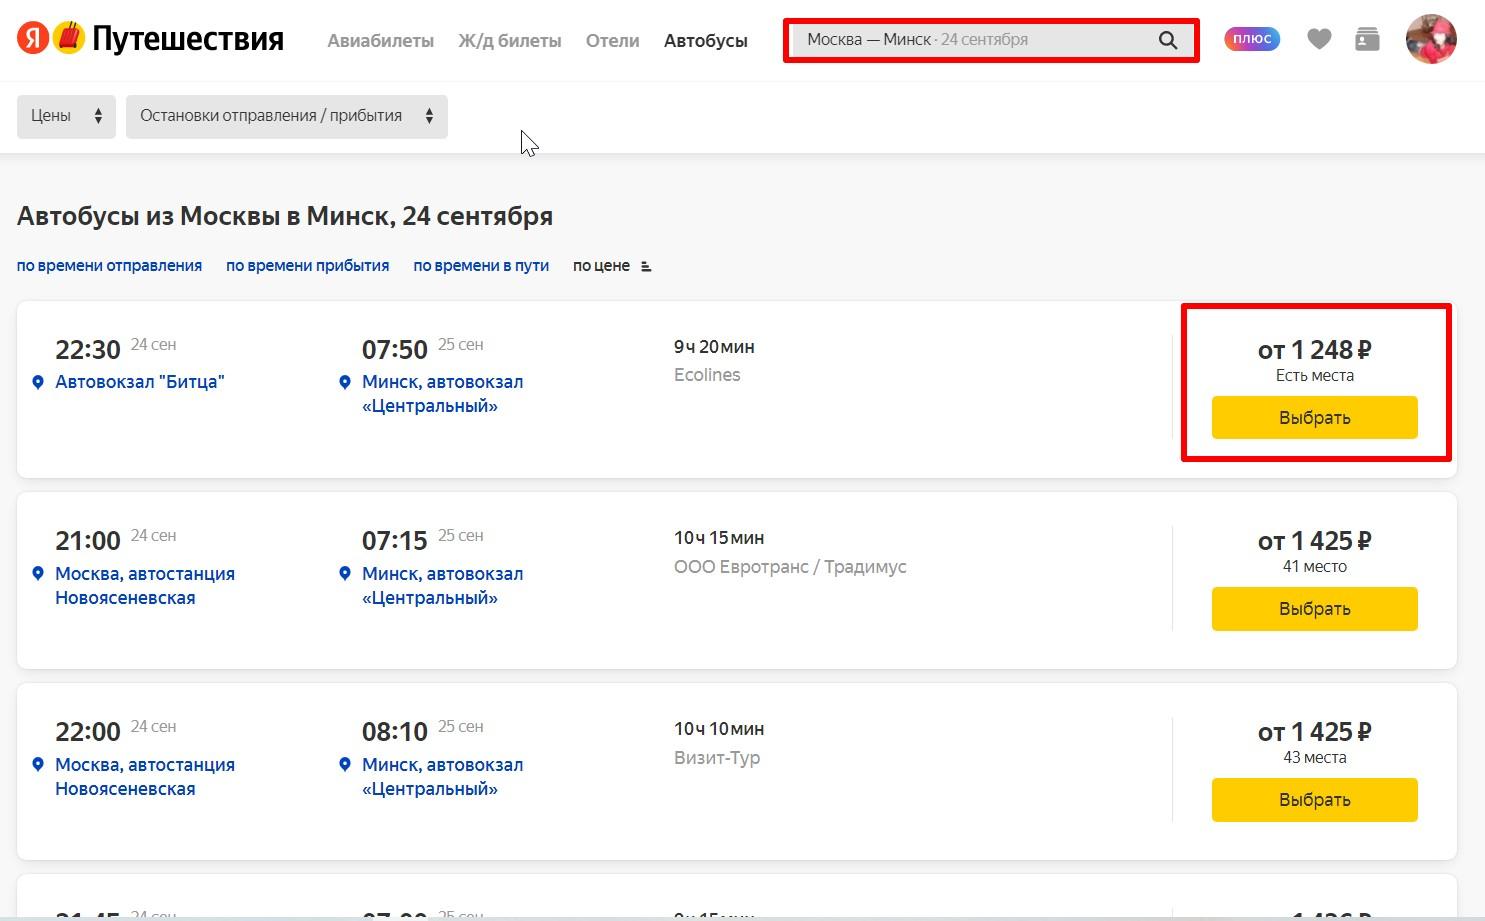 Результат поиска билета на автобус Москва-Минск